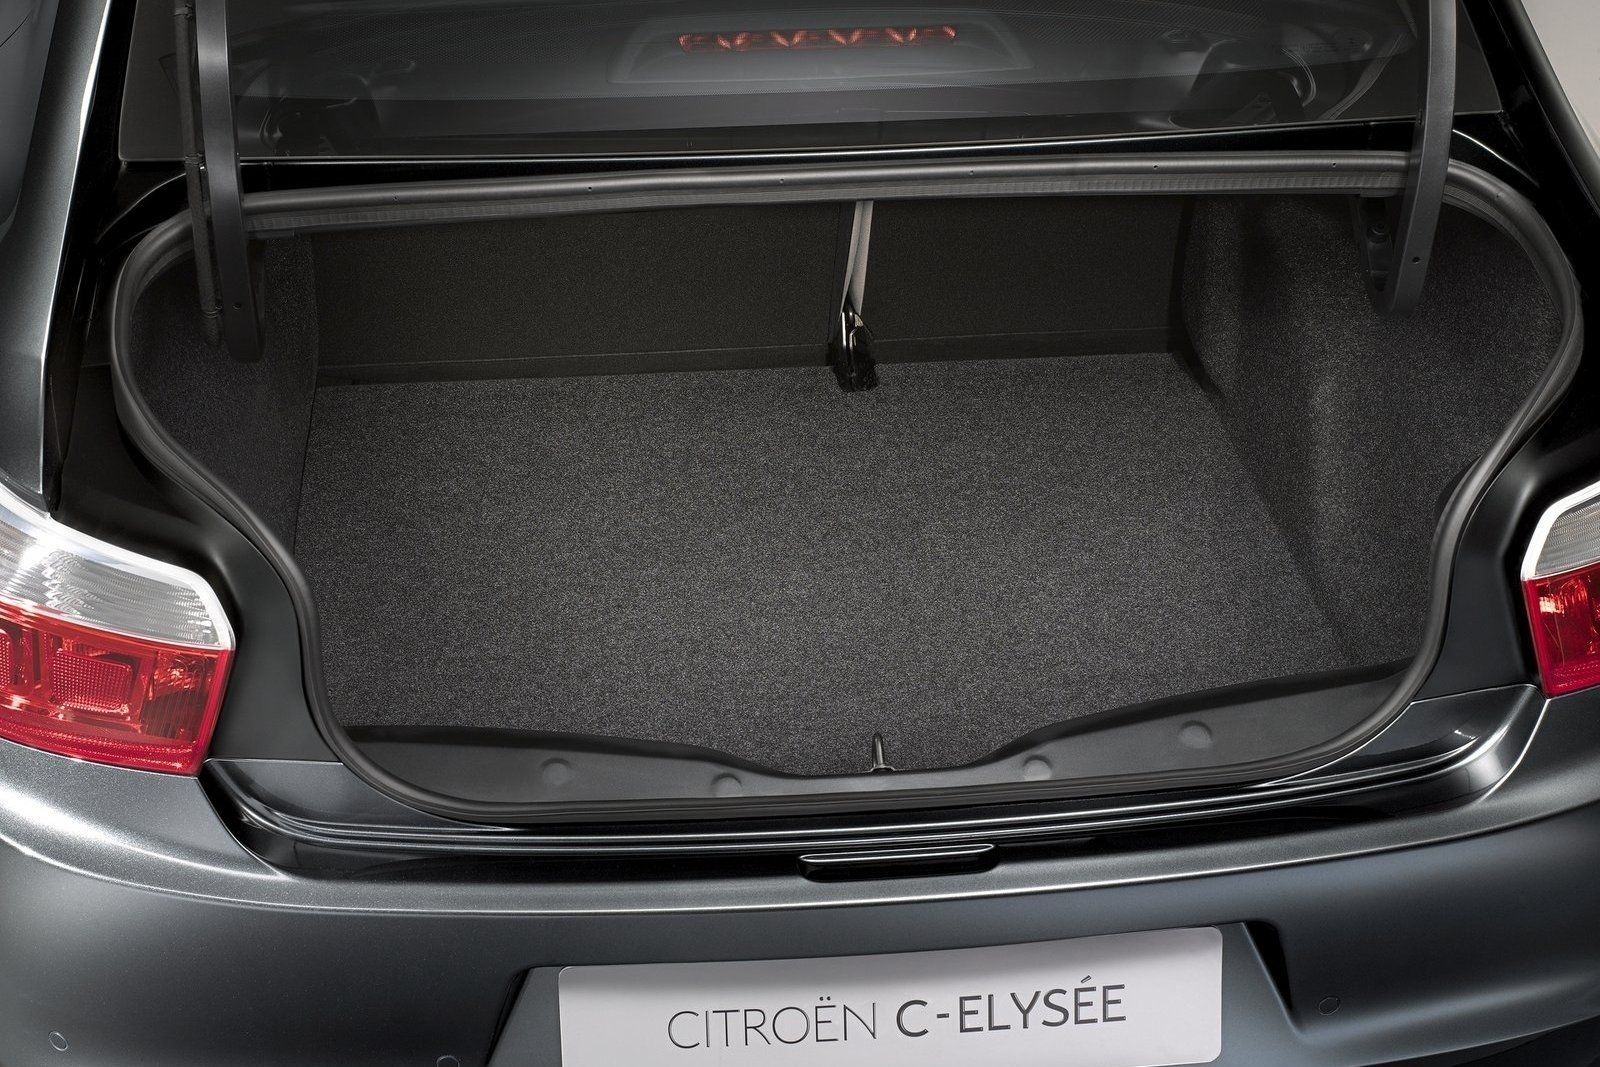 citroen c elysee багажник